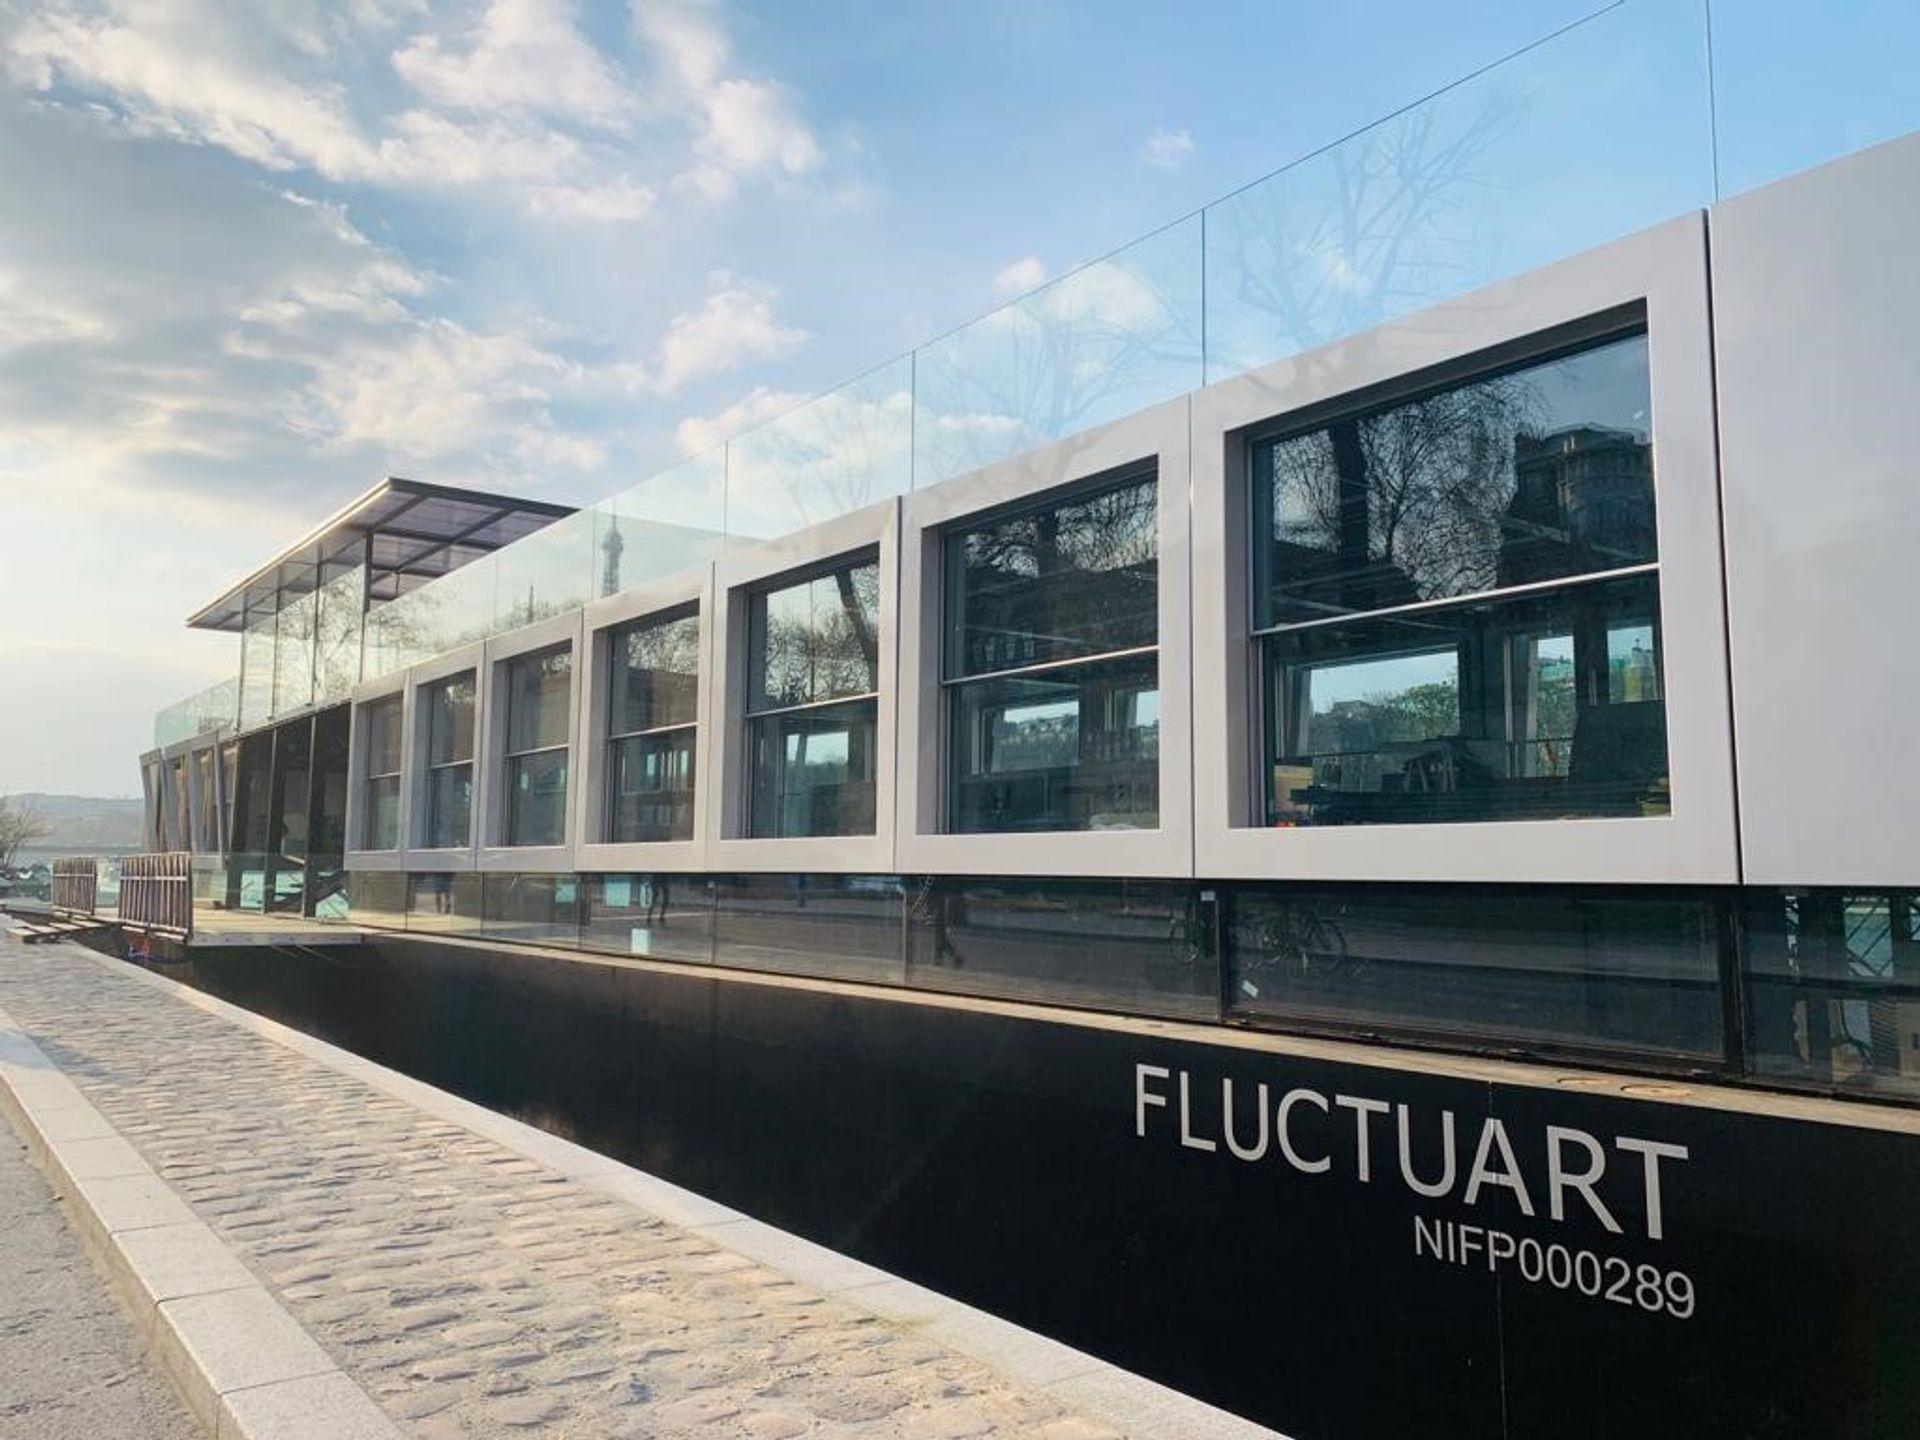 Fluctuart opens on 4 July © fluctuart